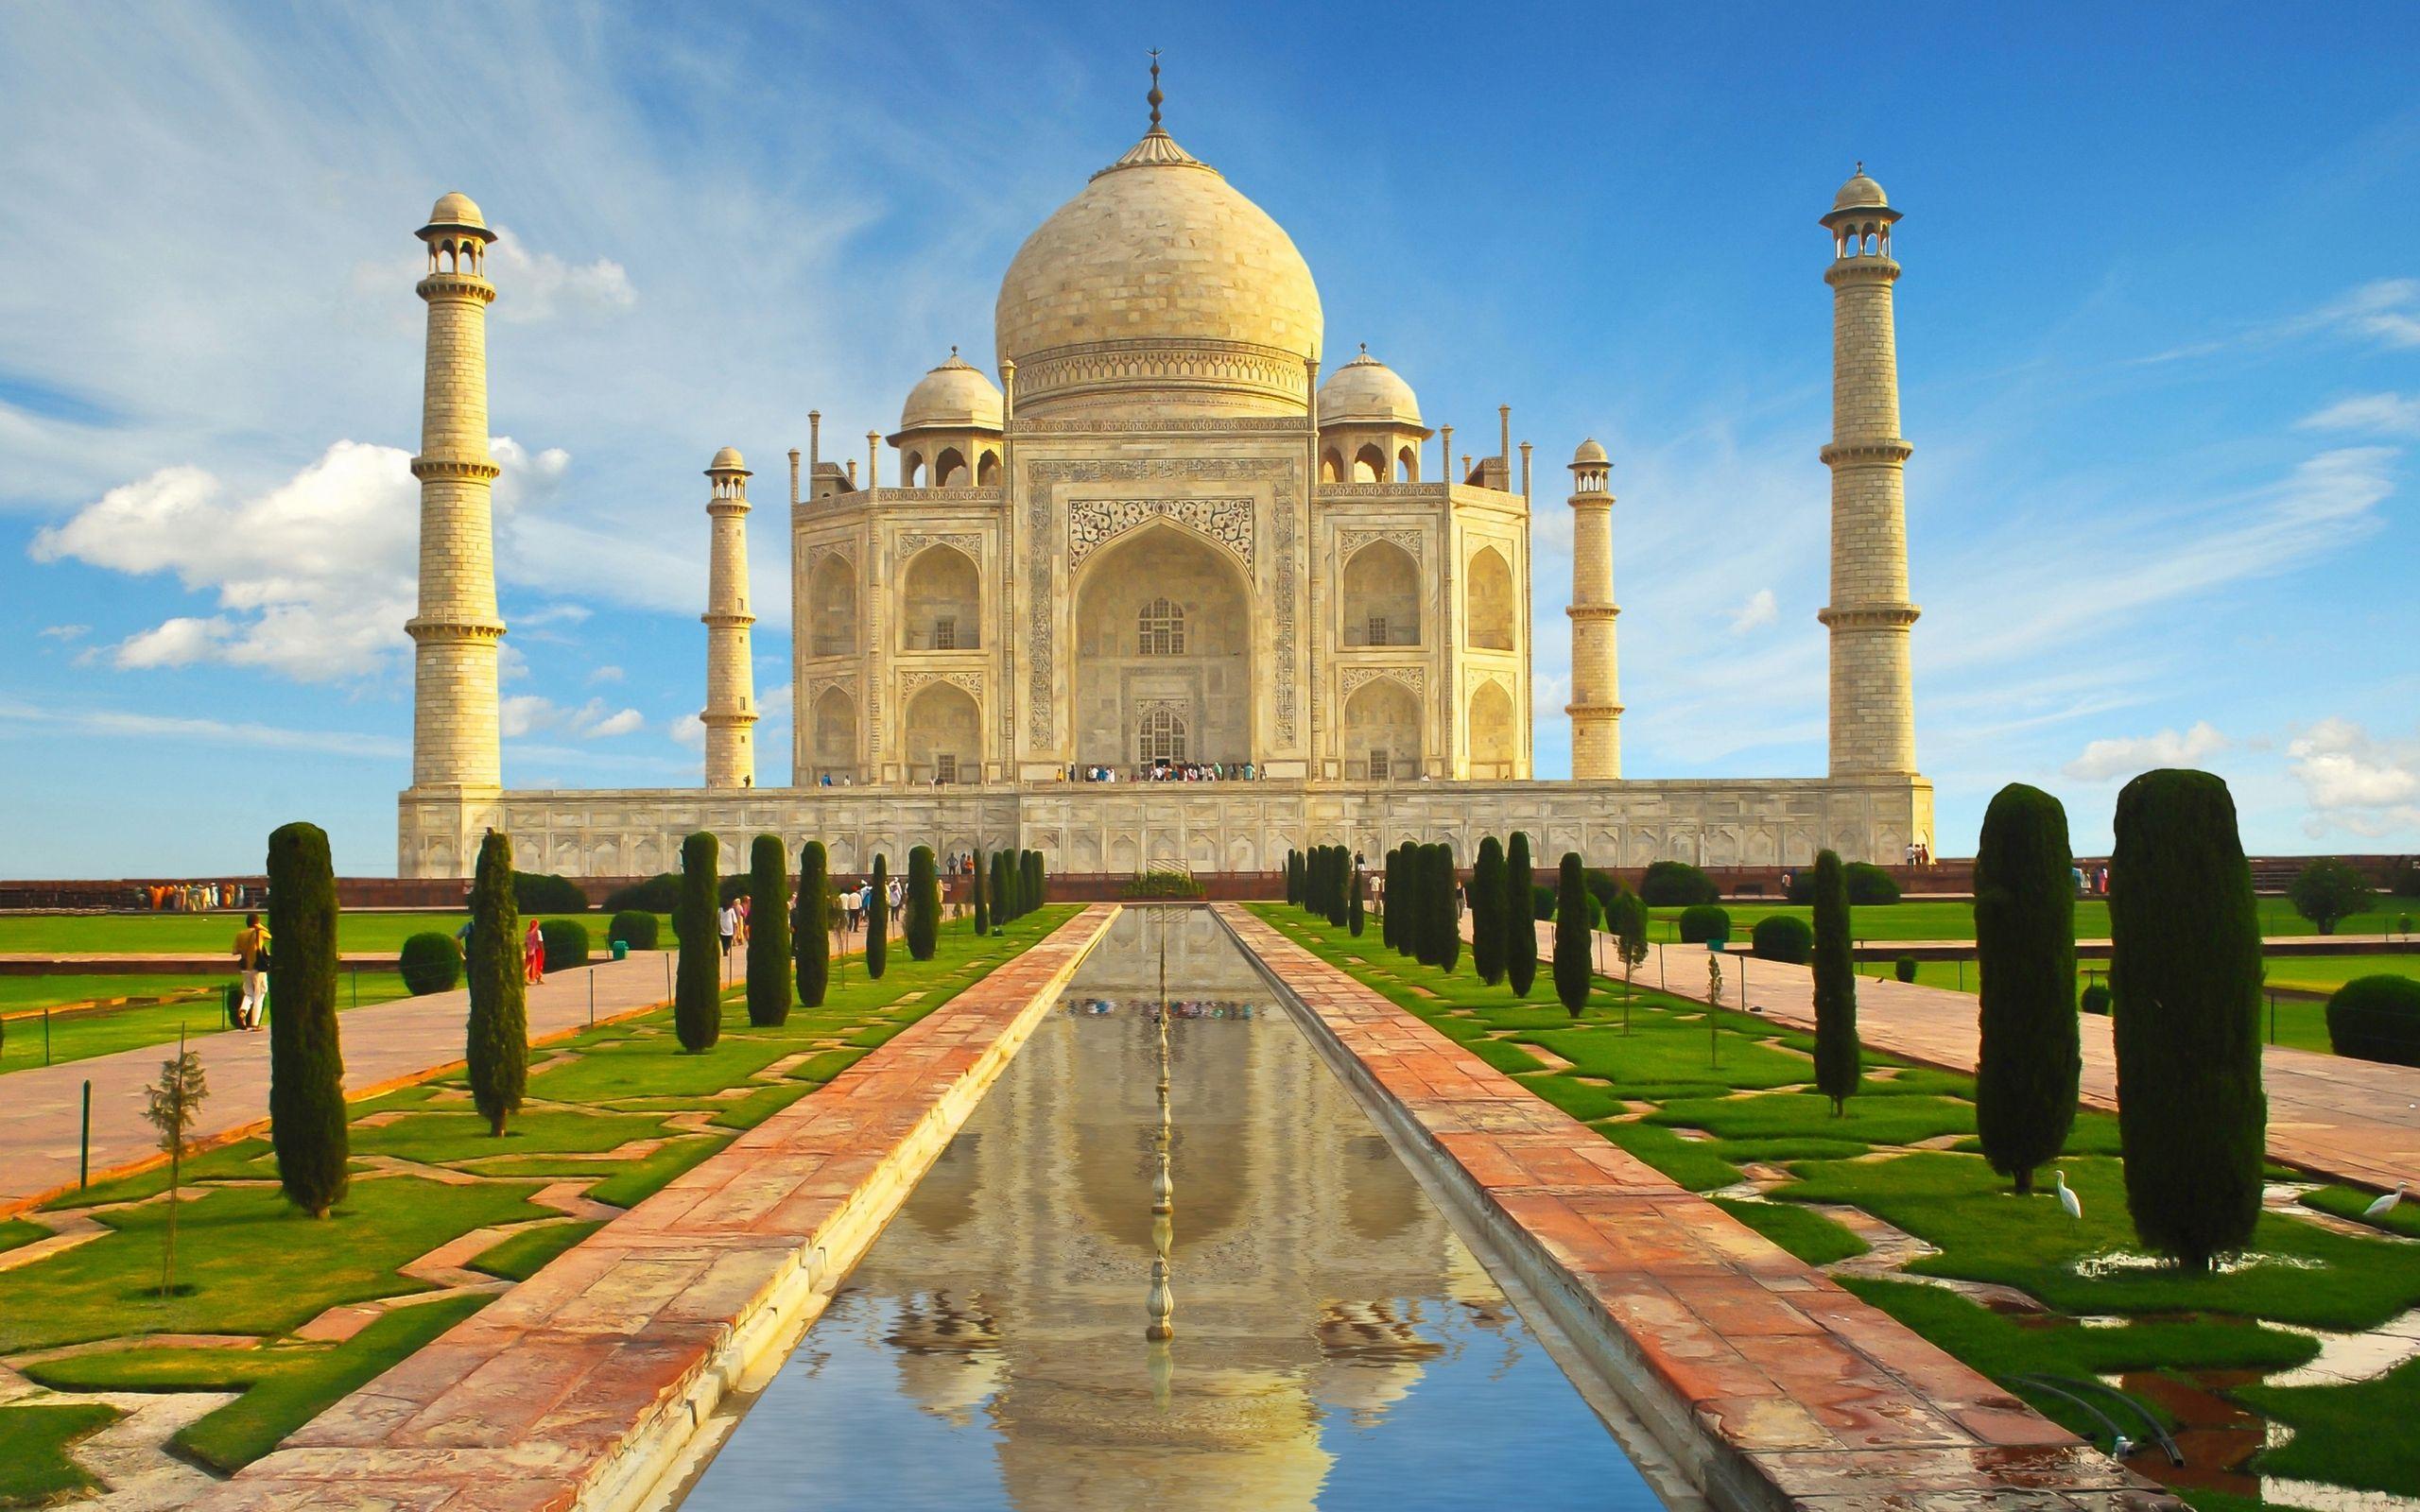 中国驻印度使馆提醒赴印中国游客注意安全